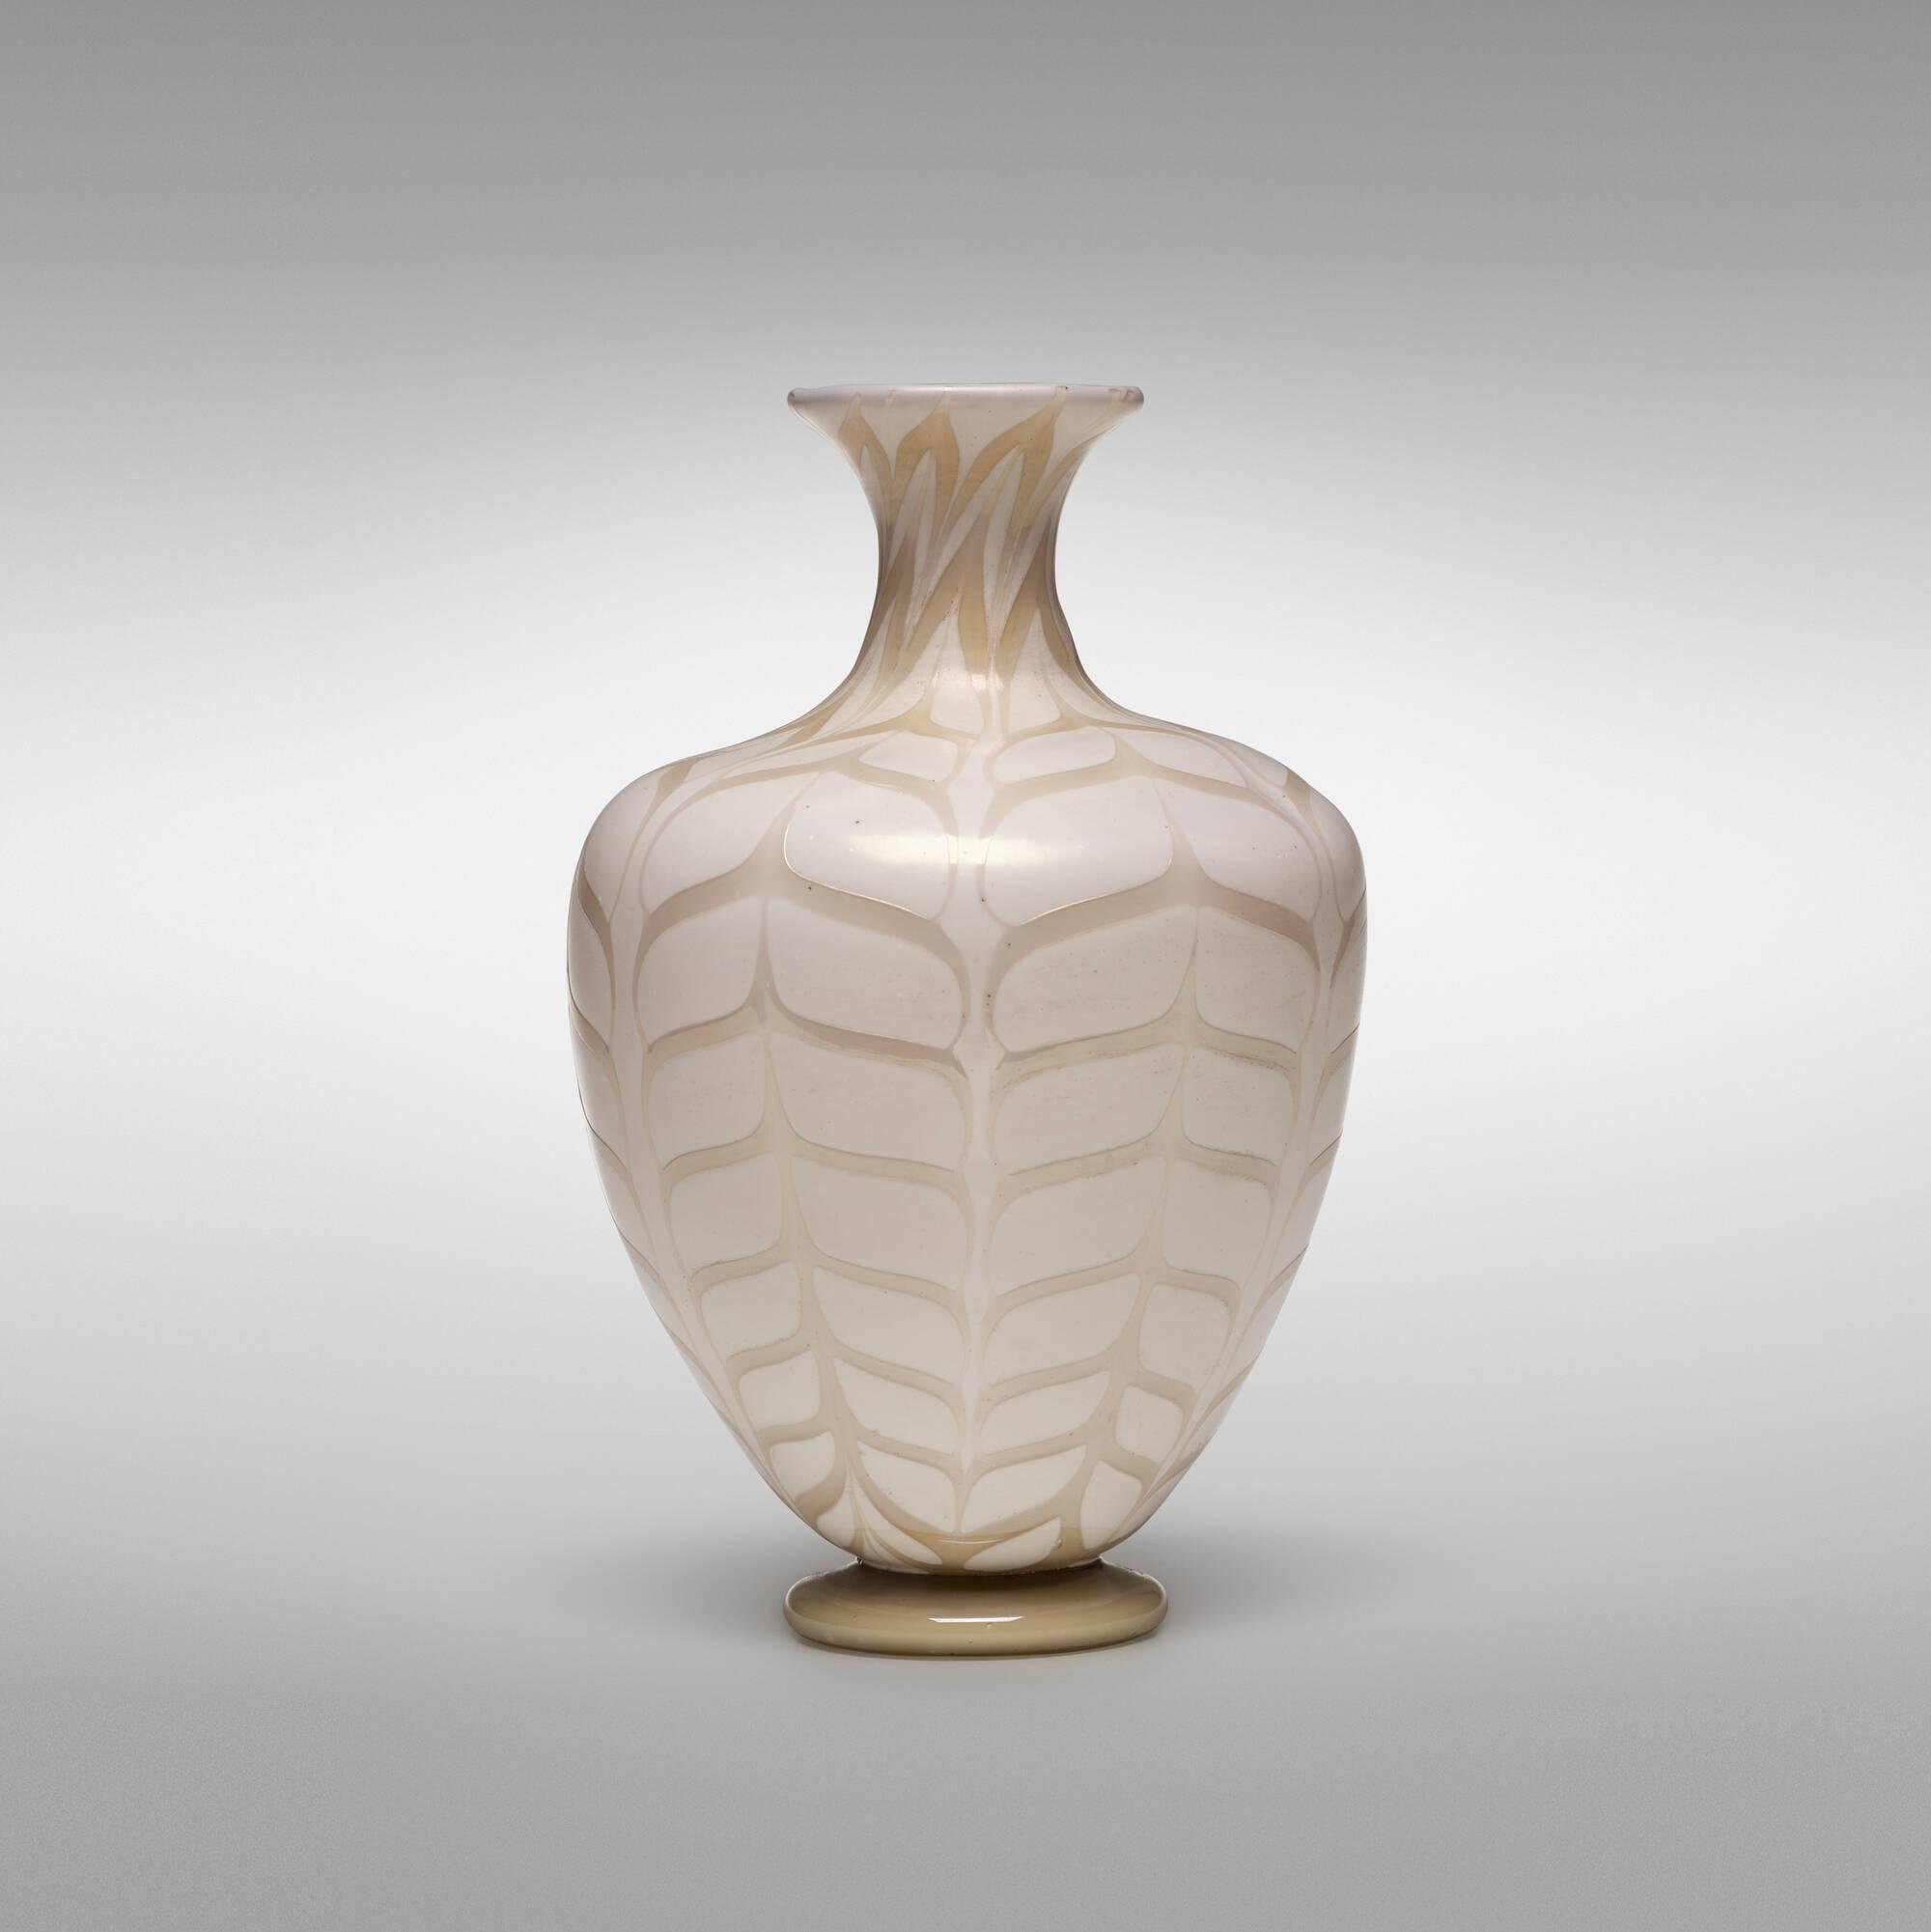 40: Carlo Scarpa / Fenicio vase (2 of 4)